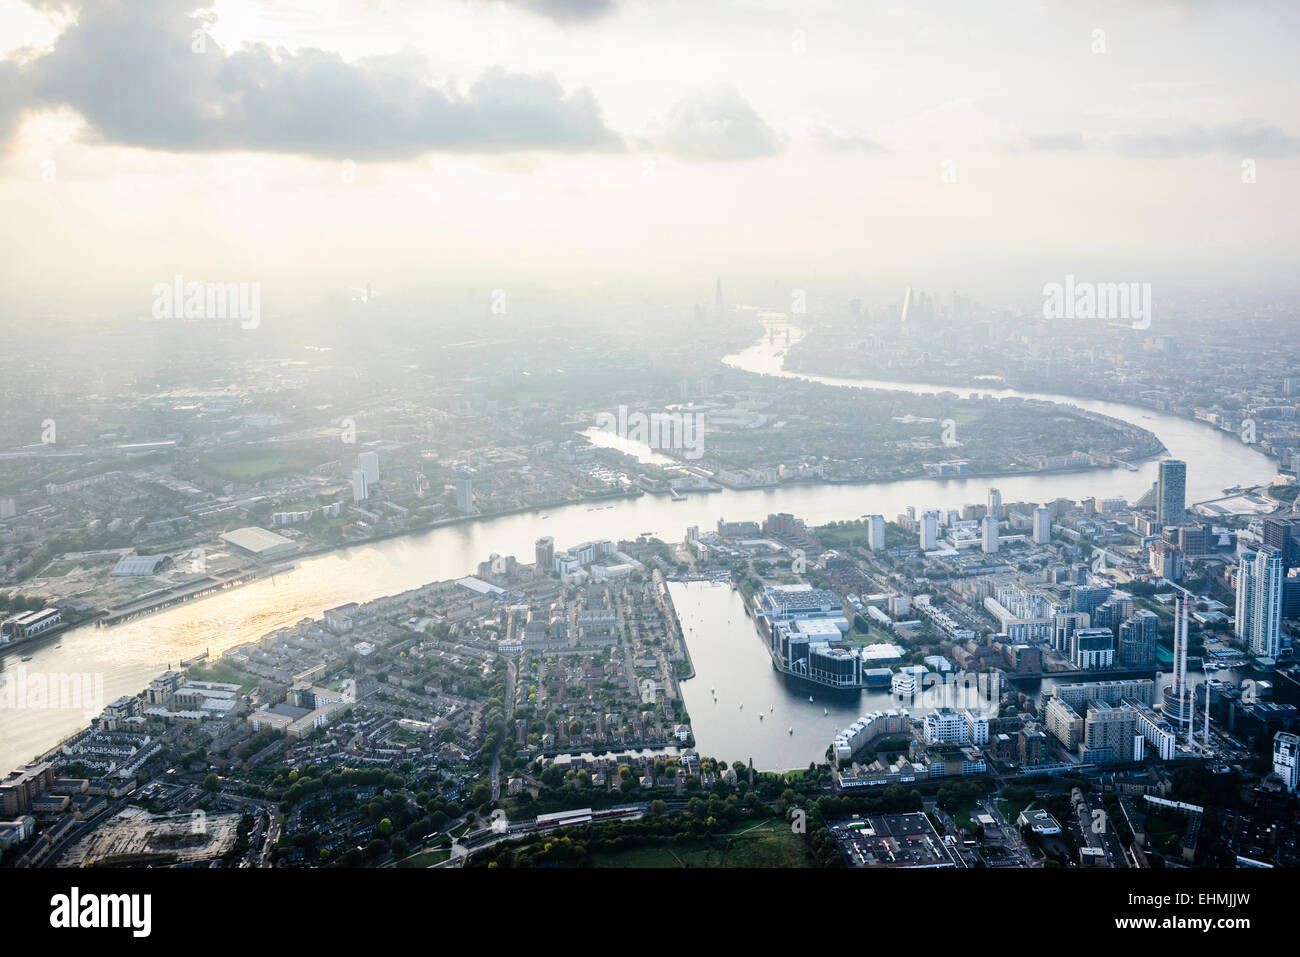 Vista aerea di Londra la città e il fiume, Inghilterra Immagini Stock